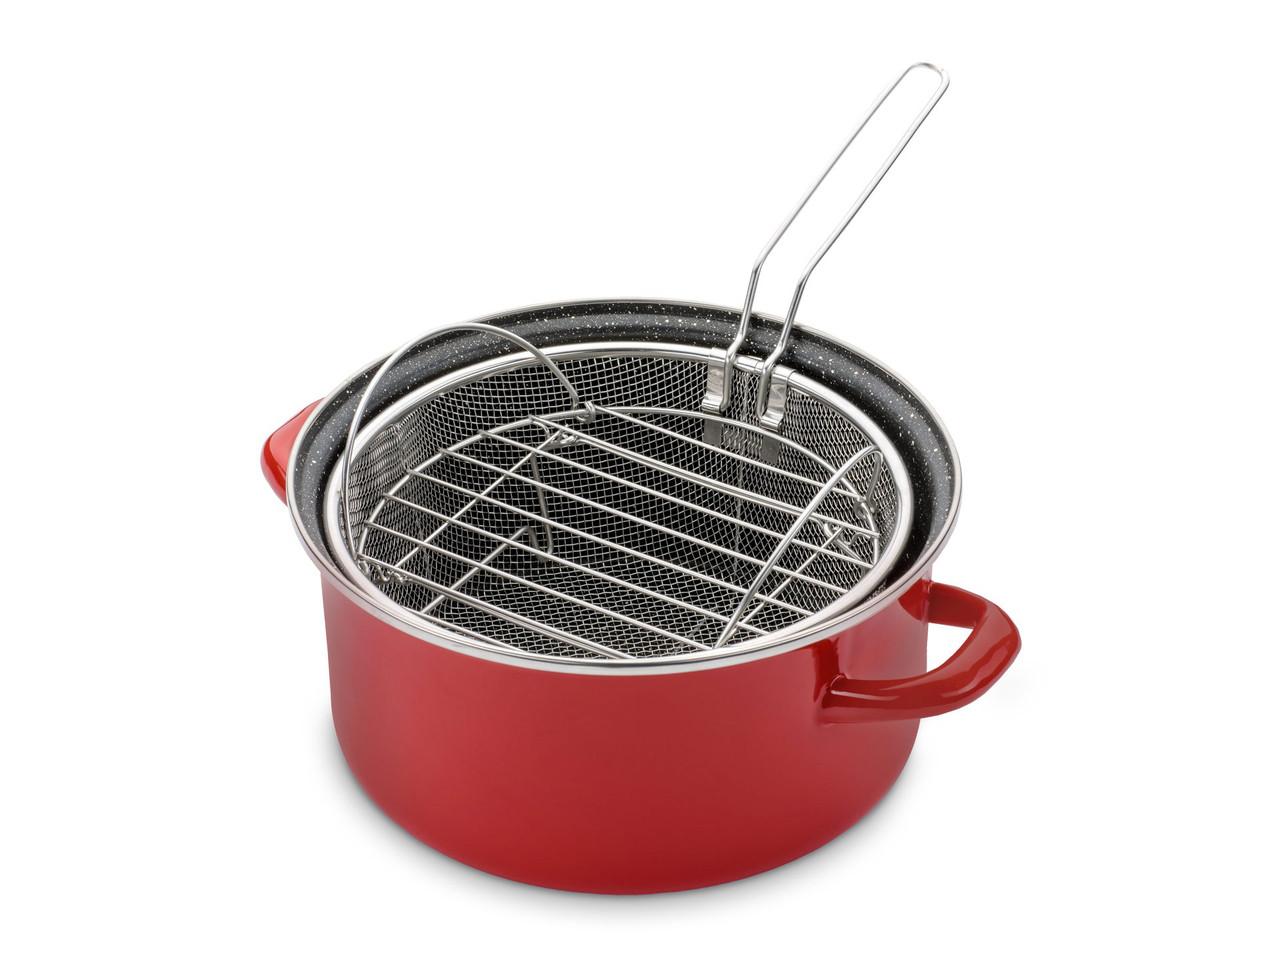 Кастрюля Delimano Cook-n-Bake с корзинкой для жарки и решеткой